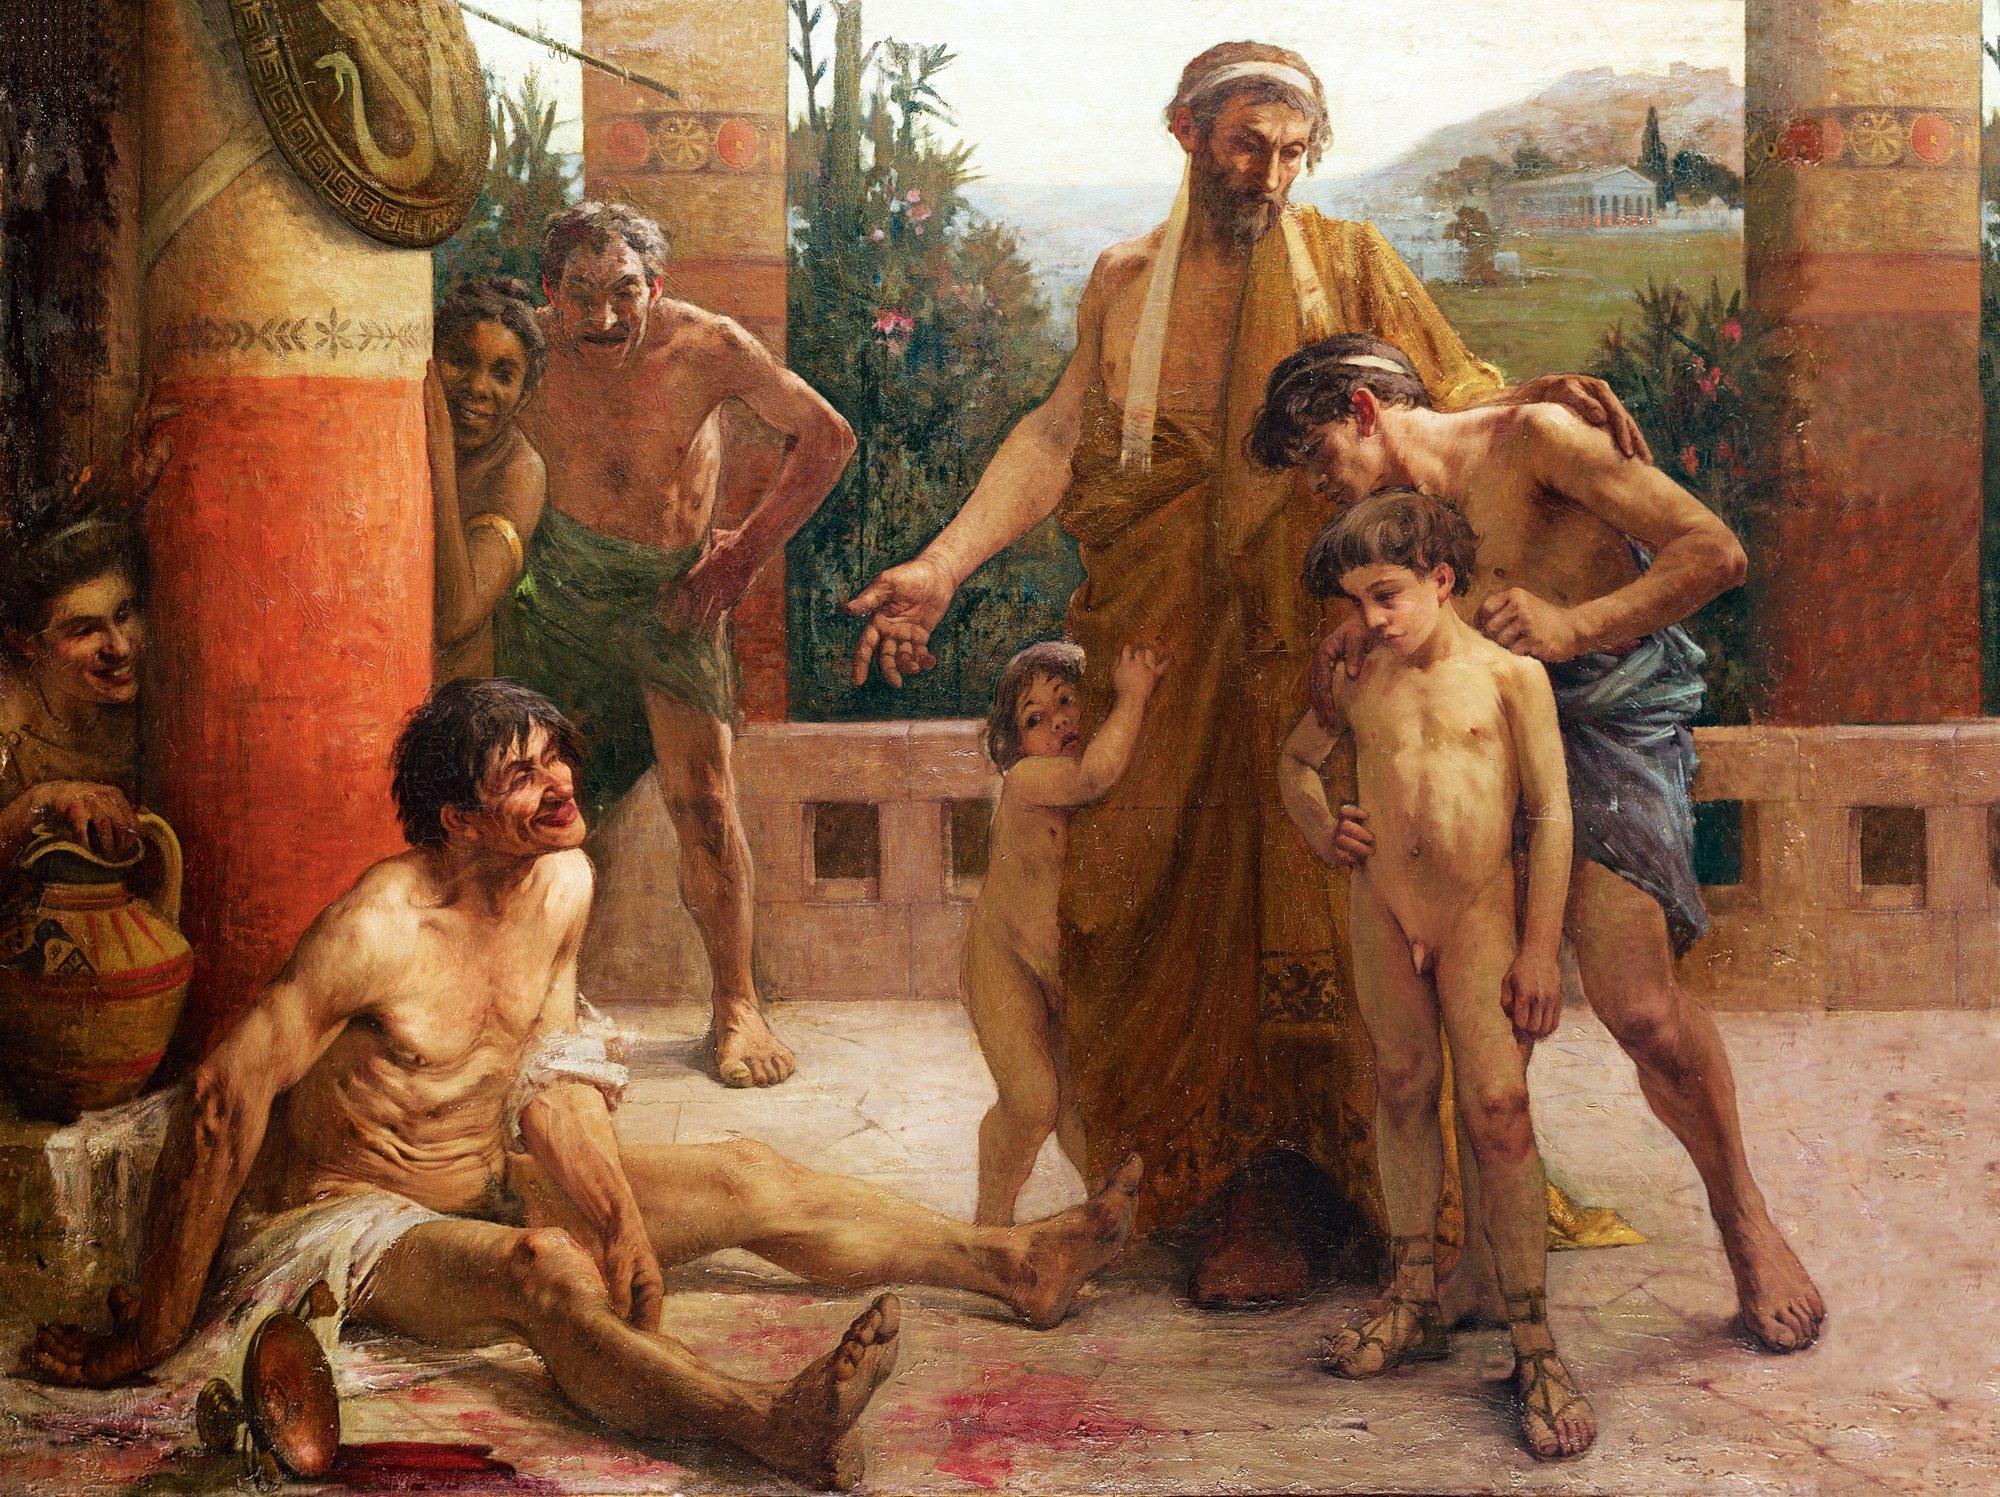 Los esclavos eran a veces objeto de escarnio. En este óleo, de F. Sabbate (1900), un espartano muestra a sus hijos un esclavo borracho. Escuela de Bellas Artes, París.